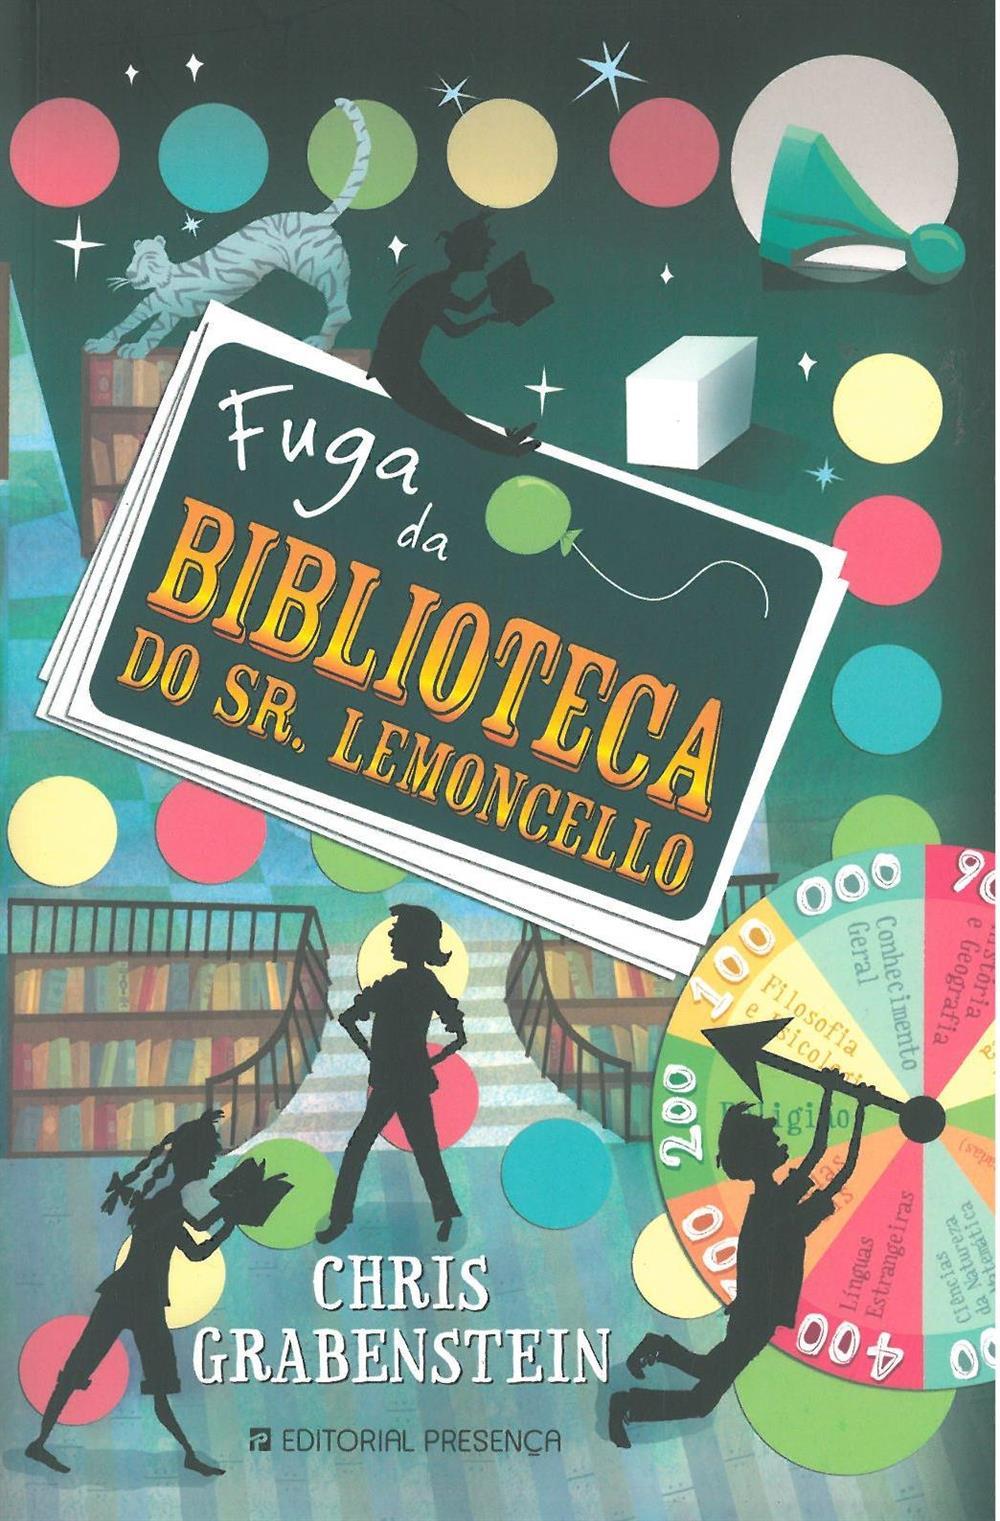 Fuga da biblioteca do Sr. Lemoncello_.jpg